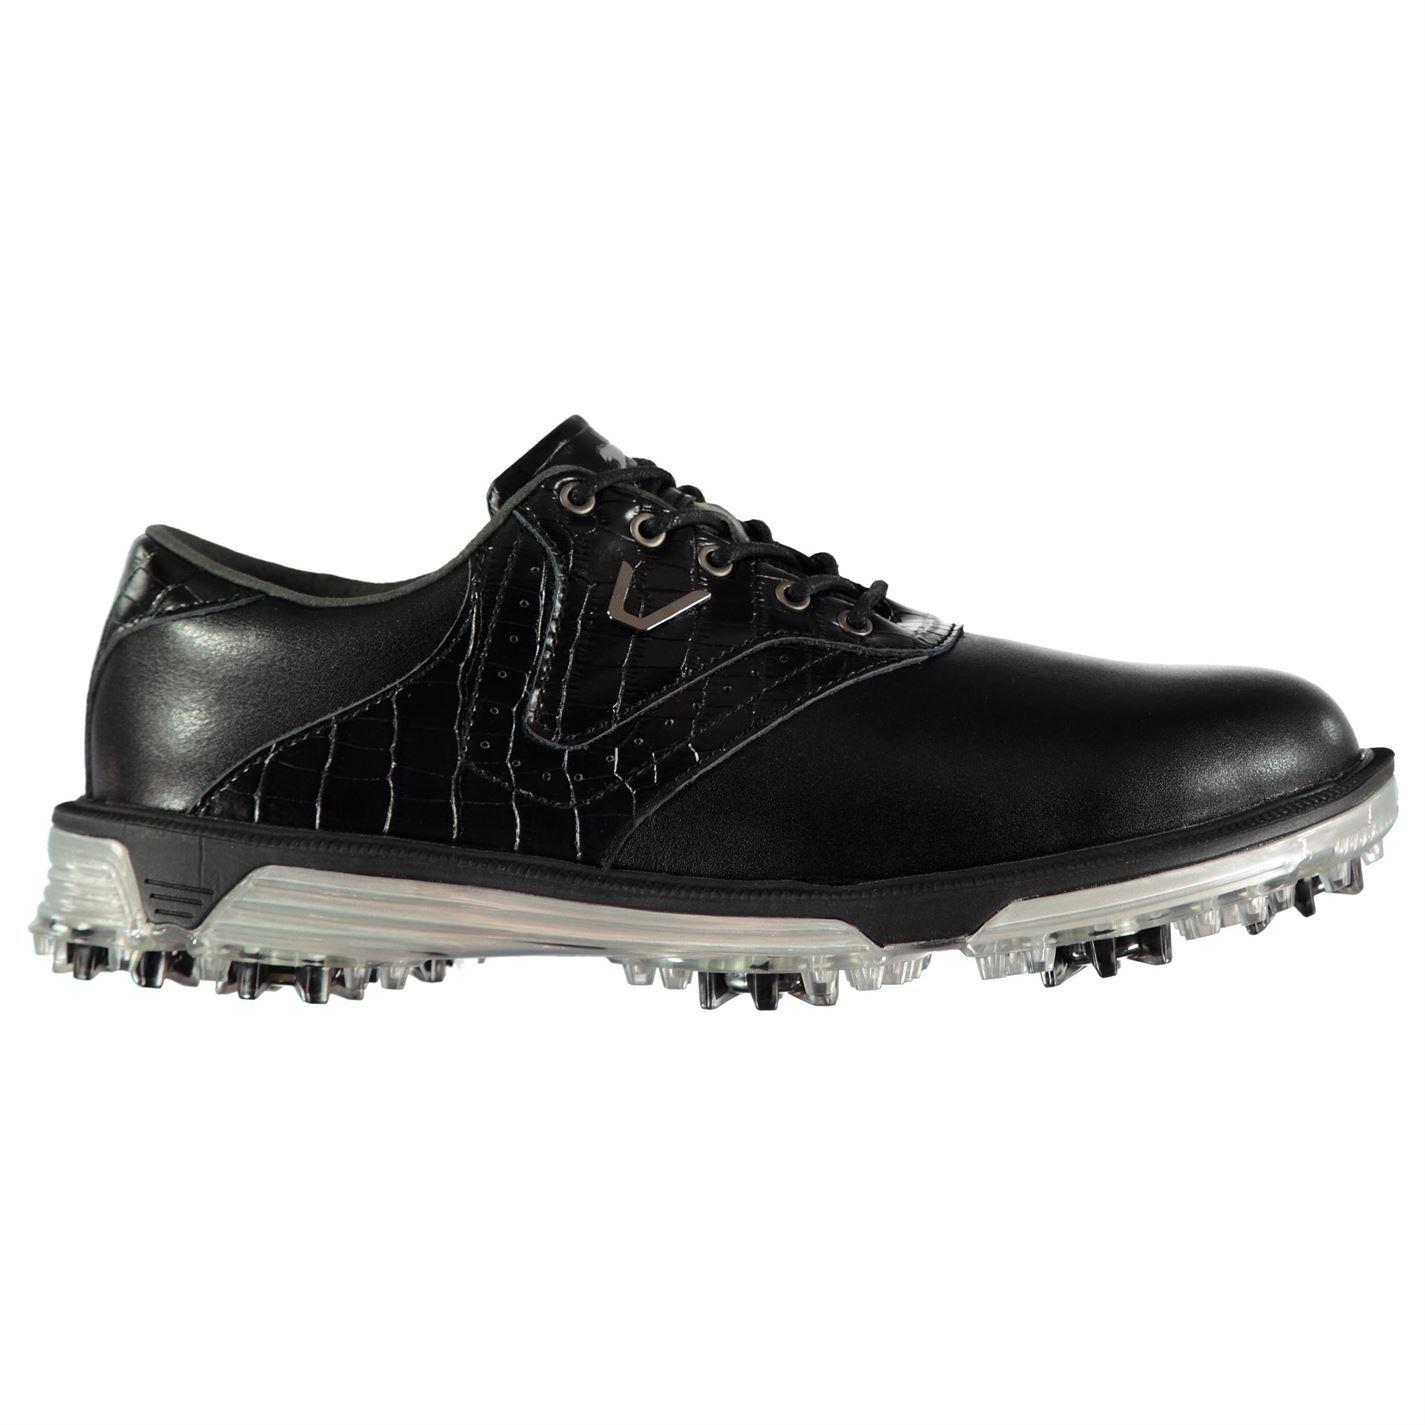 Slazenger-V500-Golf-Shoes-Mens-Spikes-Footwear thumbnail 3